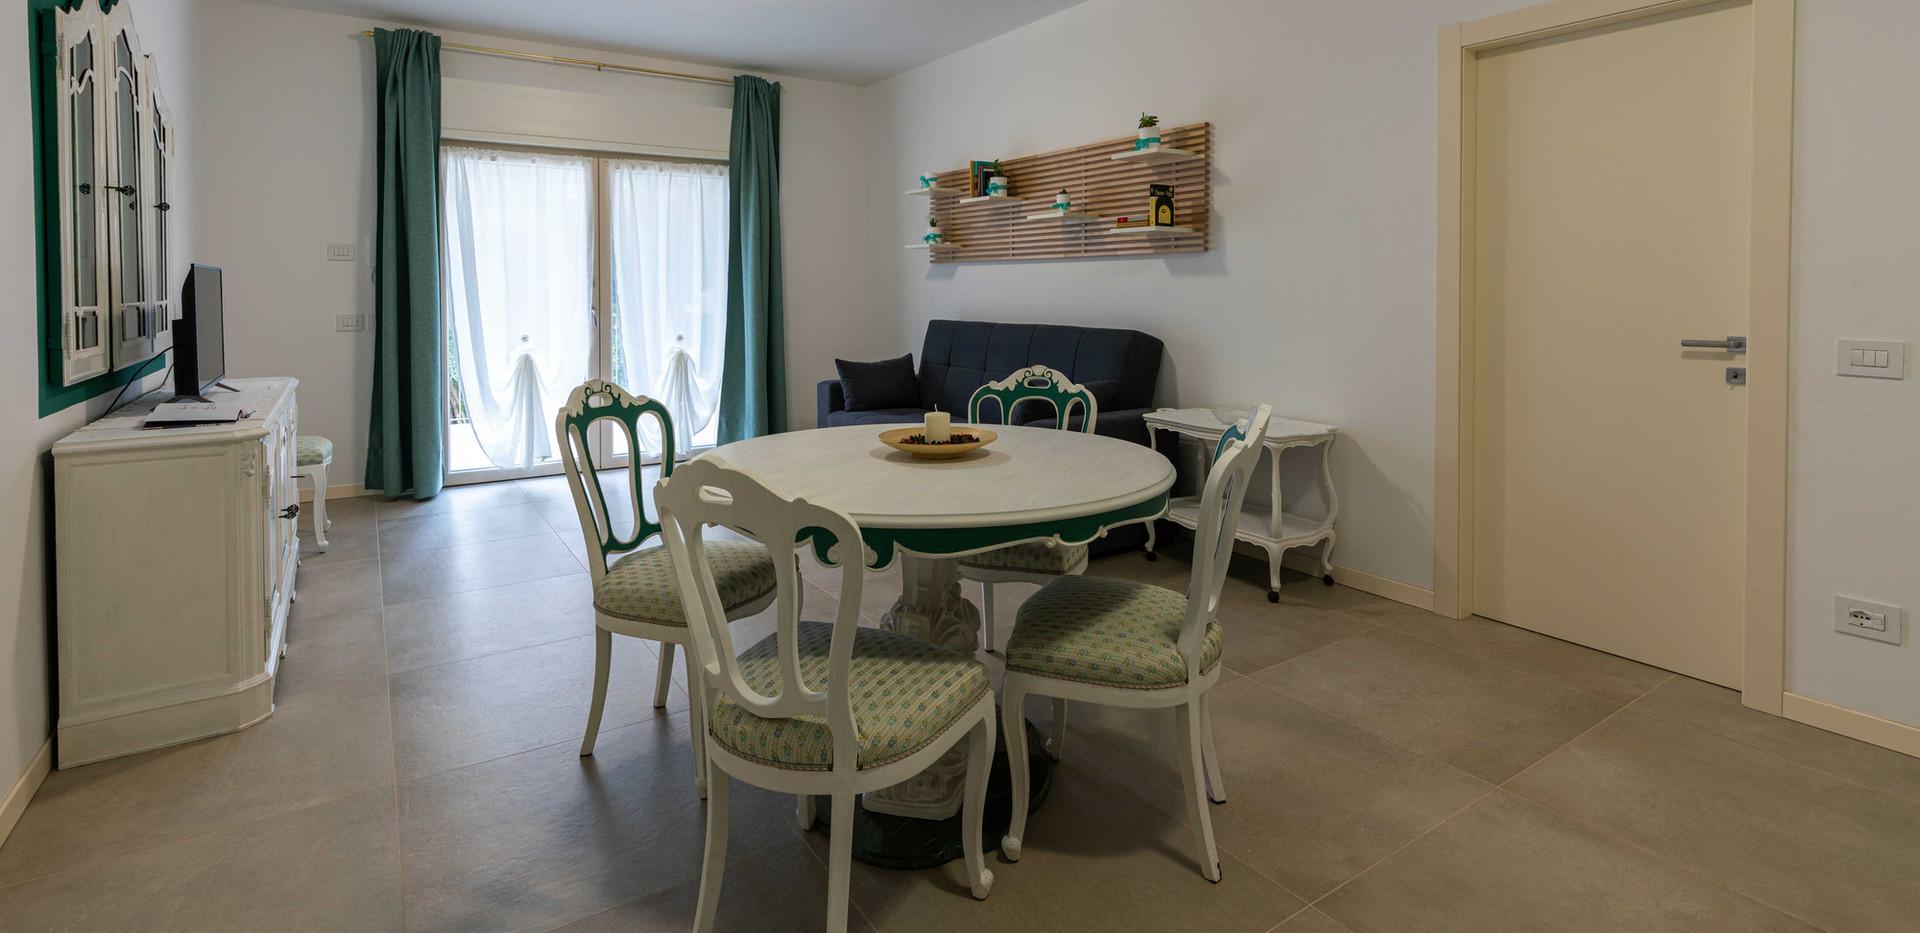 Profumo_di_casa_appartamento_loto_salotto